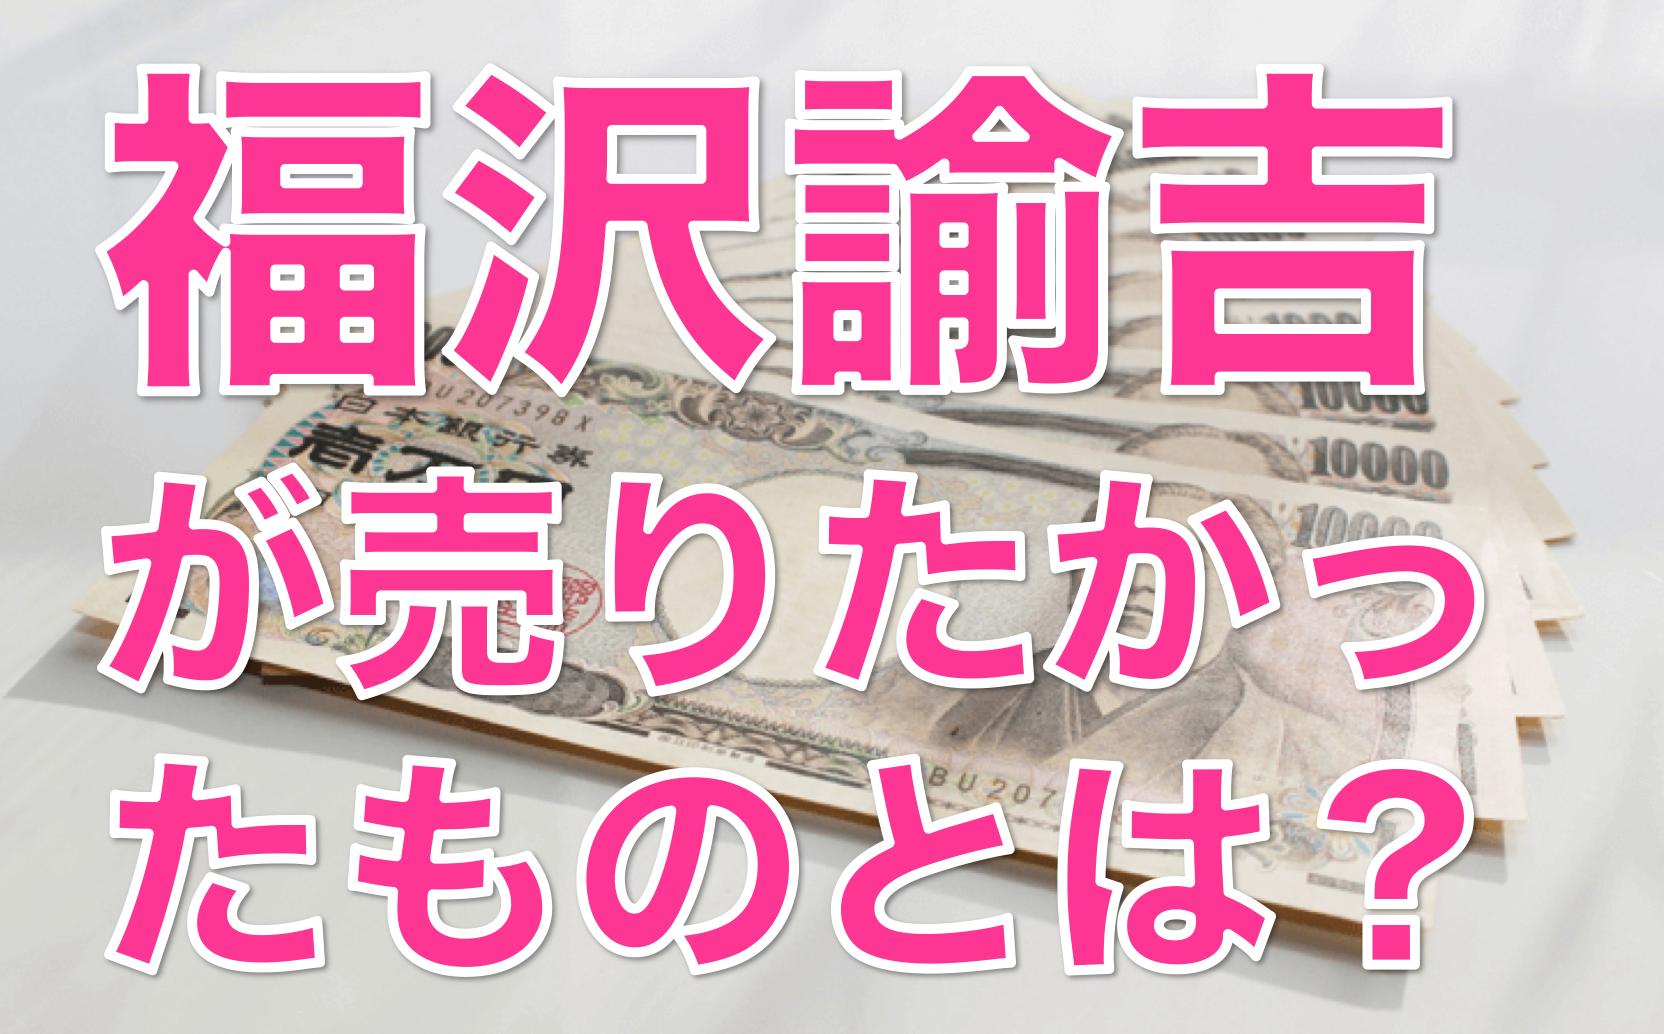 1万円札の福沢諭吉は、秋元康並みの凄腕超マーケッターだったという話。